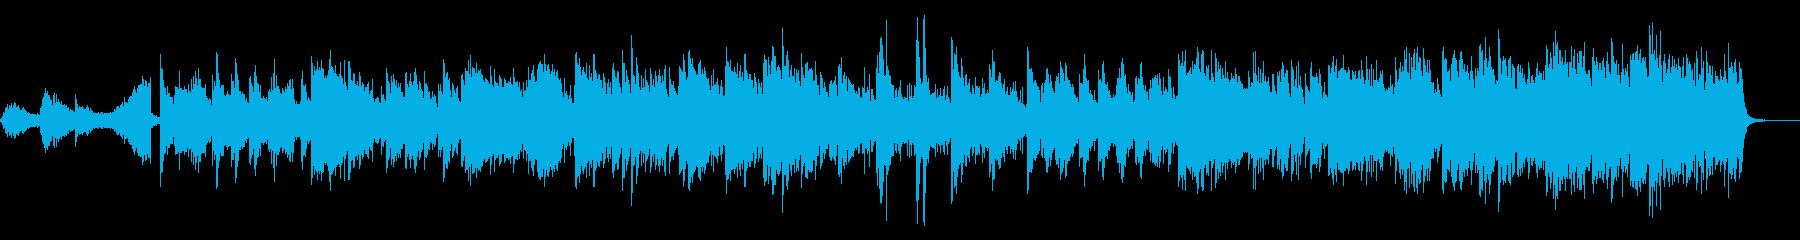 和風アンビエントの再生済みの波形